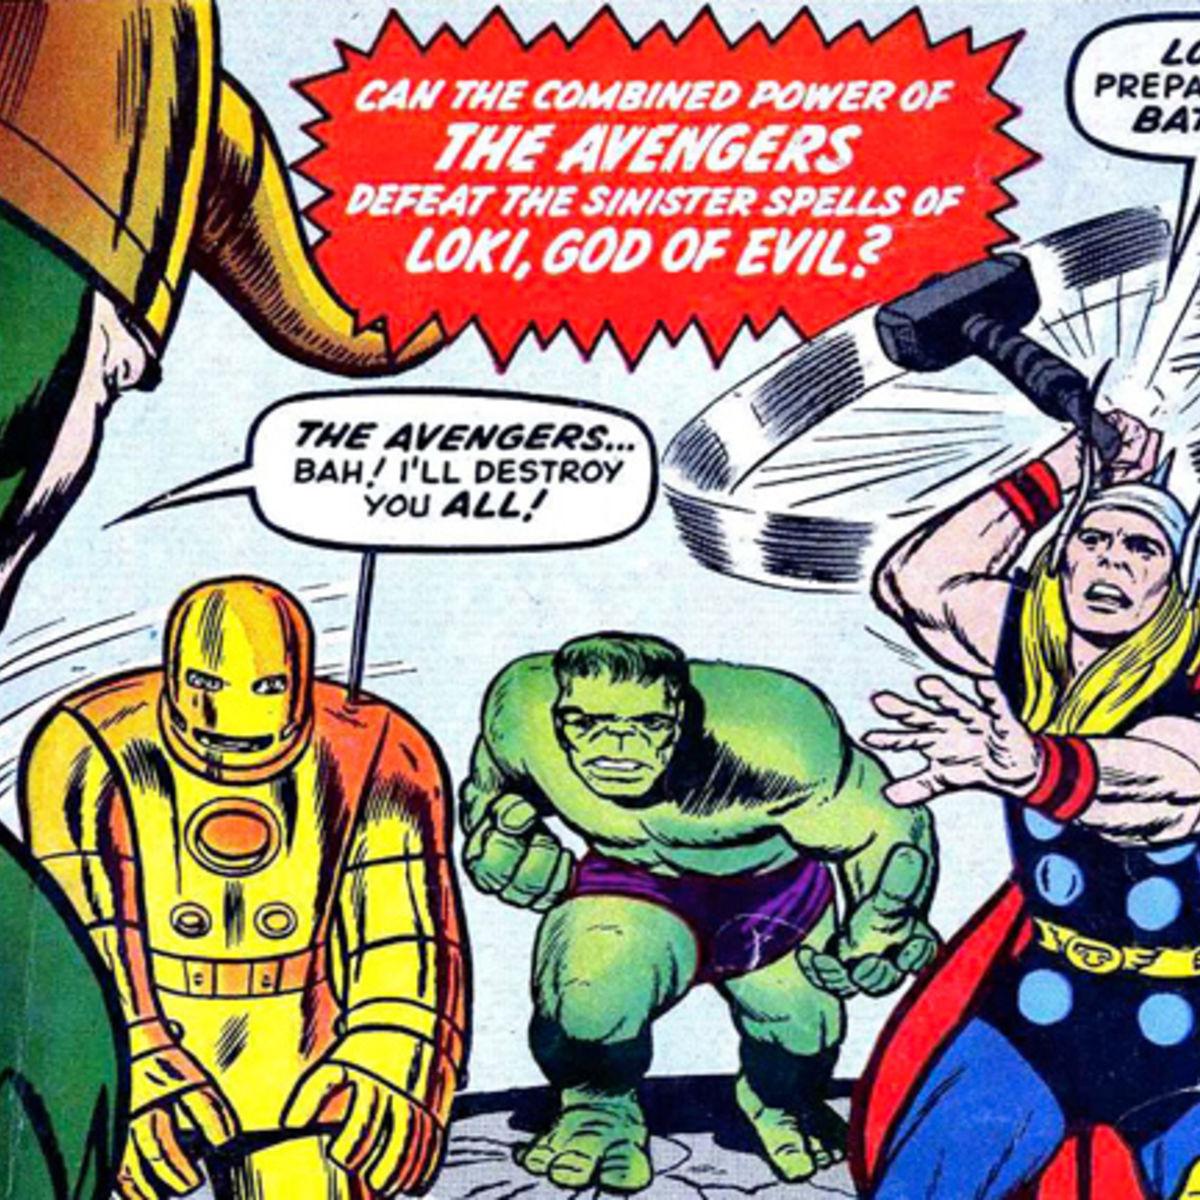 Avengers041311.jpg